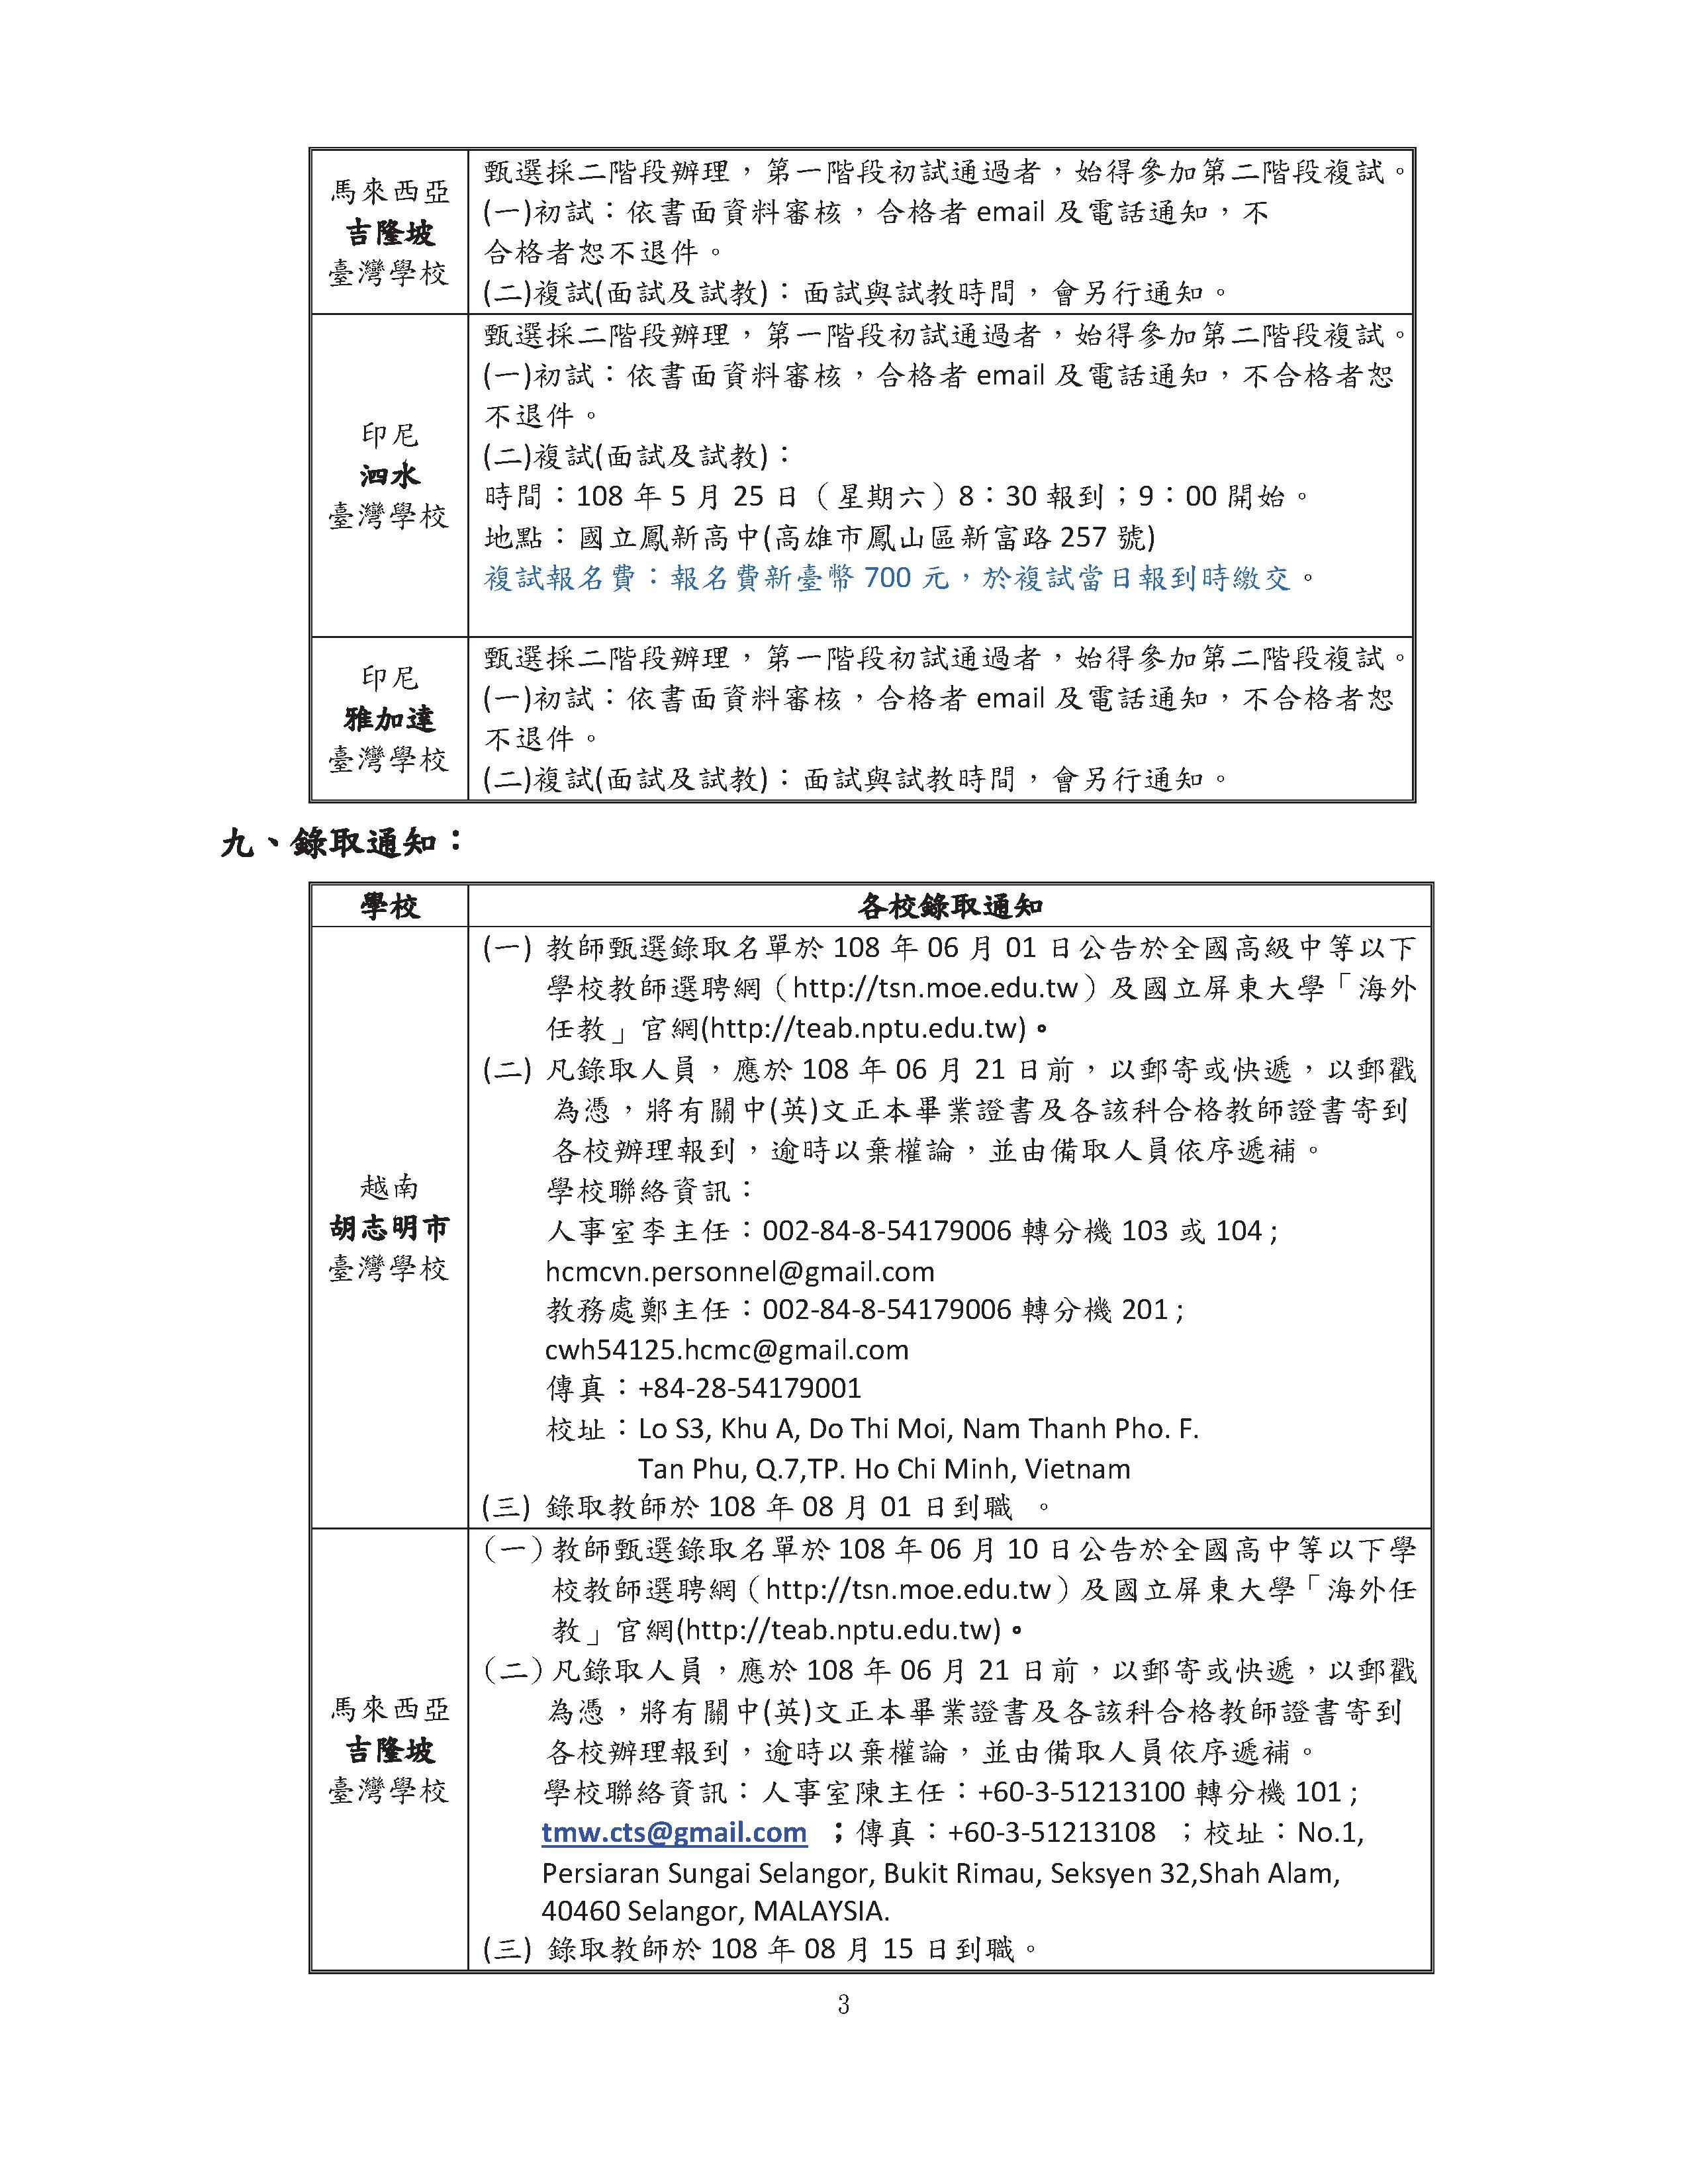 (公告版)108學年徴聘教師甄選簡章(四所臺校聯合招聘).pdf0002